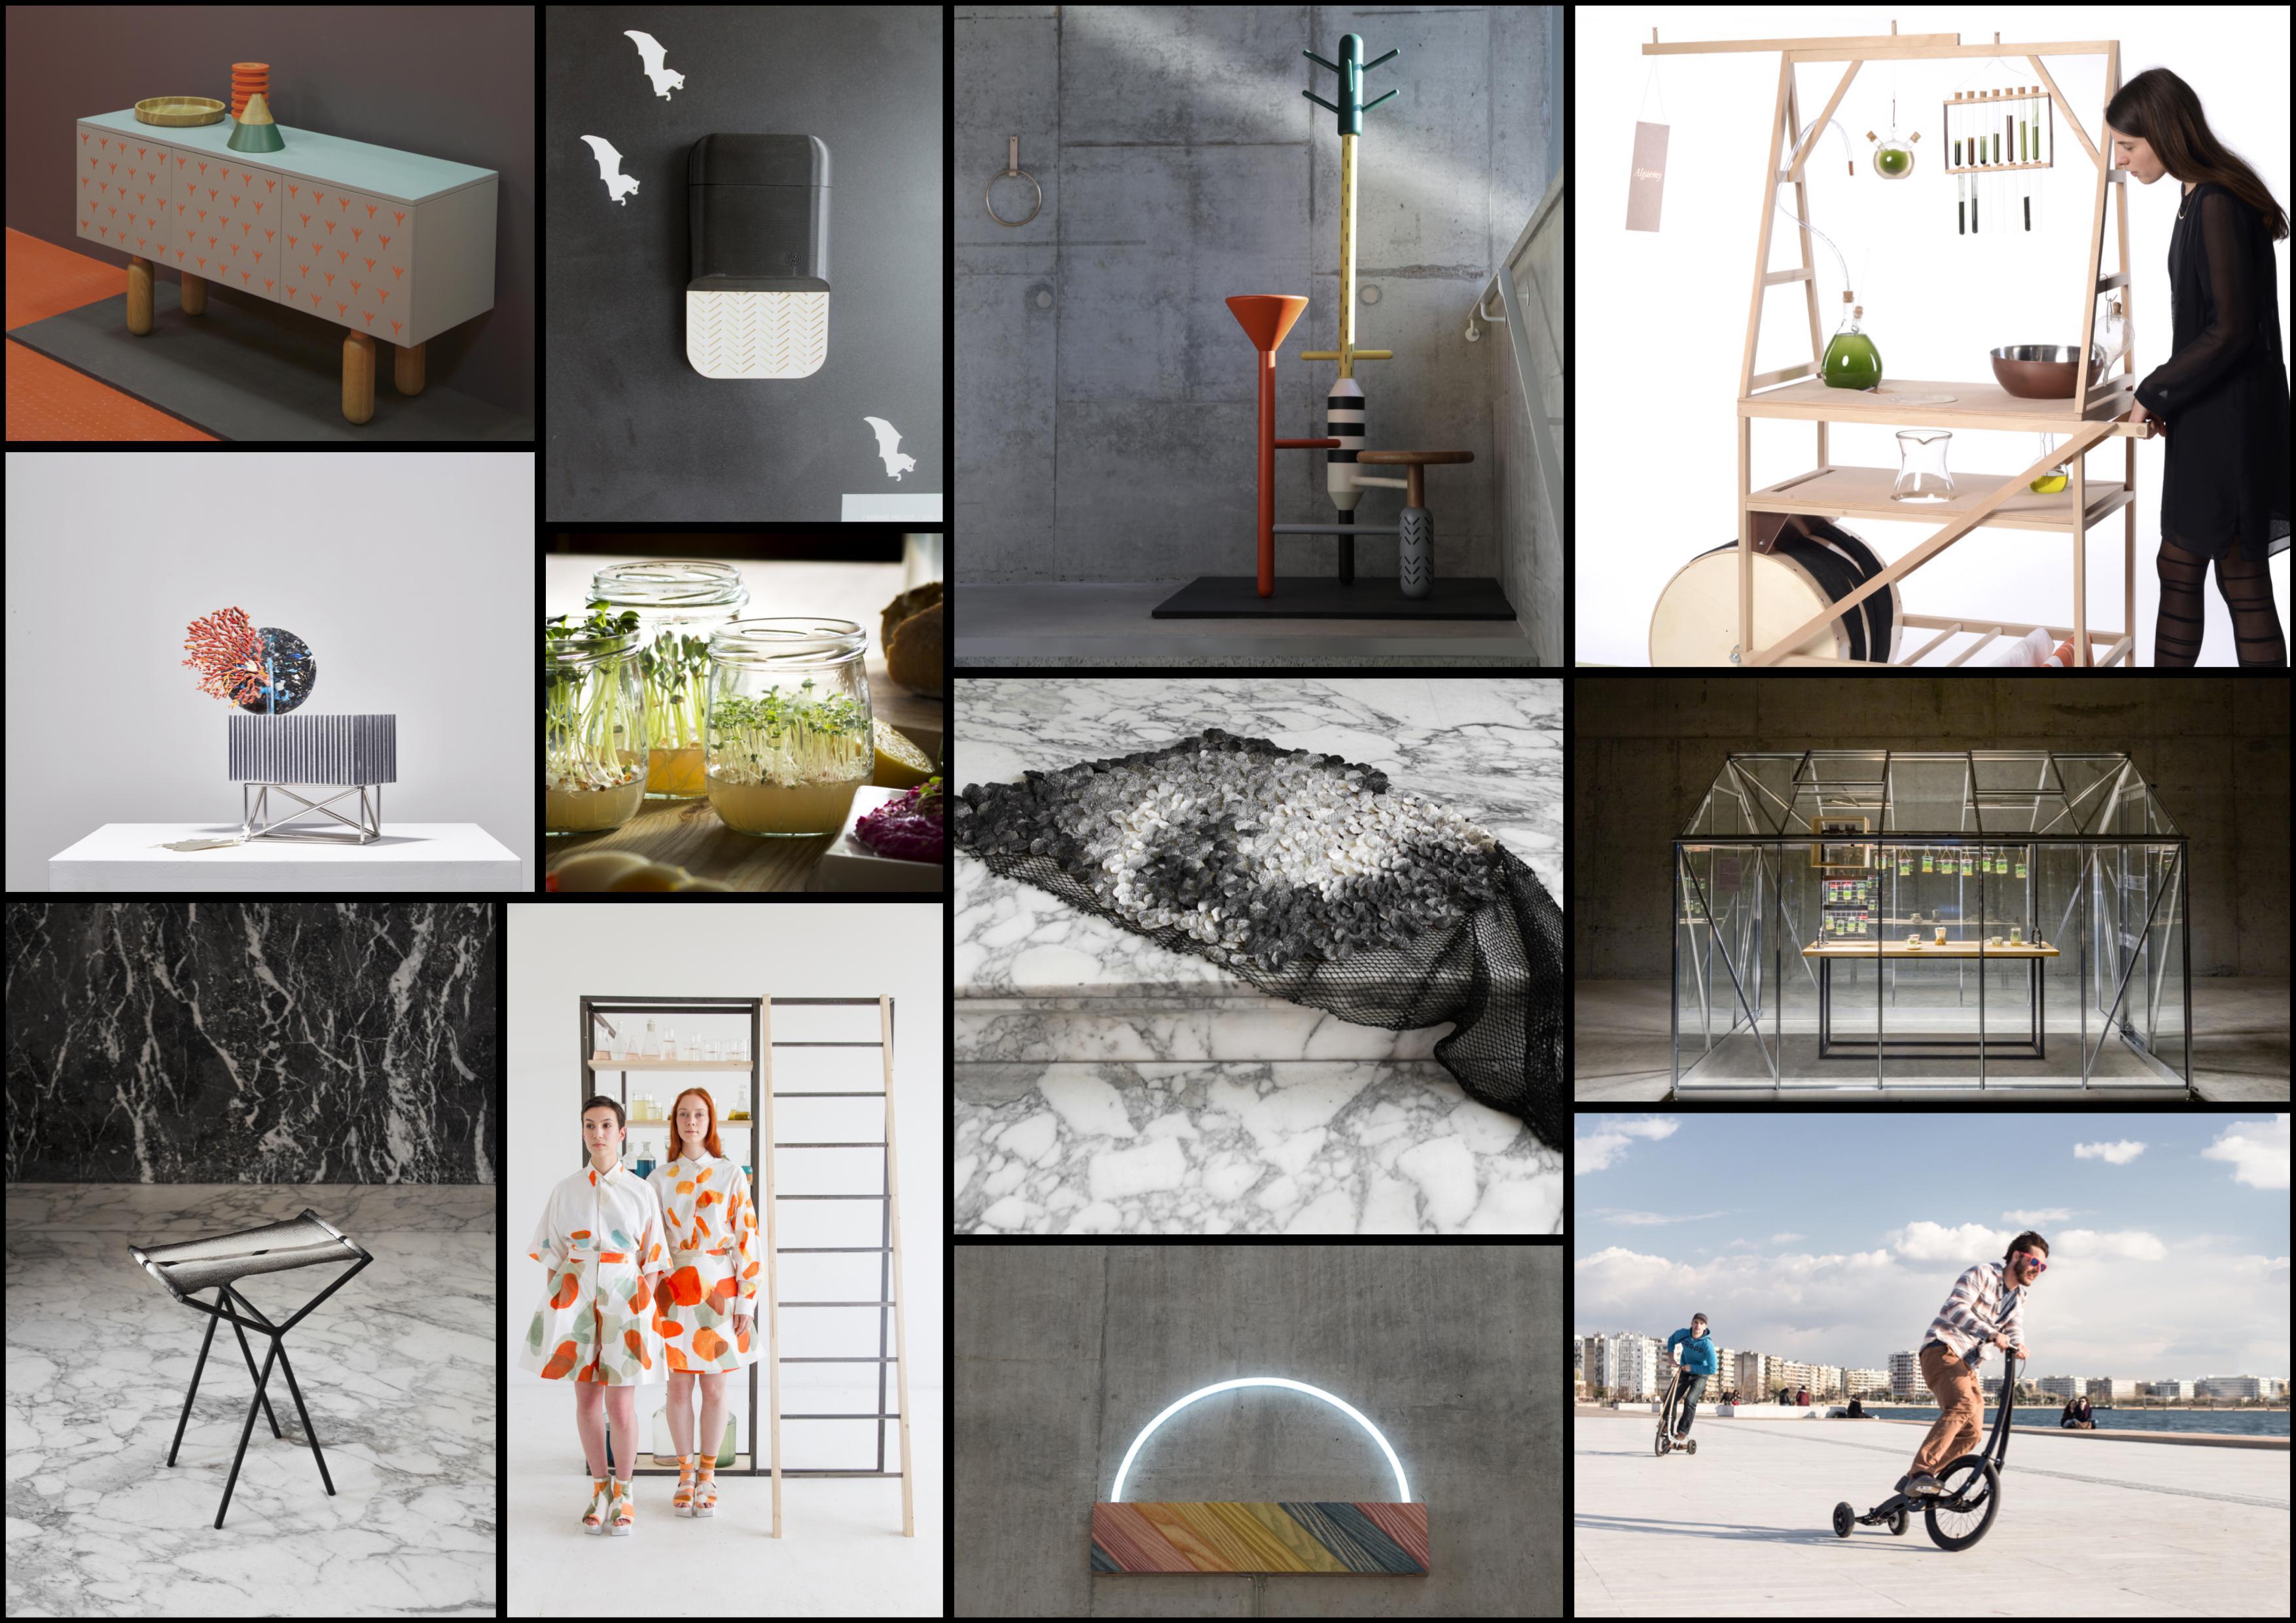 Zapowiada się ciekawie! Poznajcie wystawy i pełen program 9. edycji Gdynia Design Days